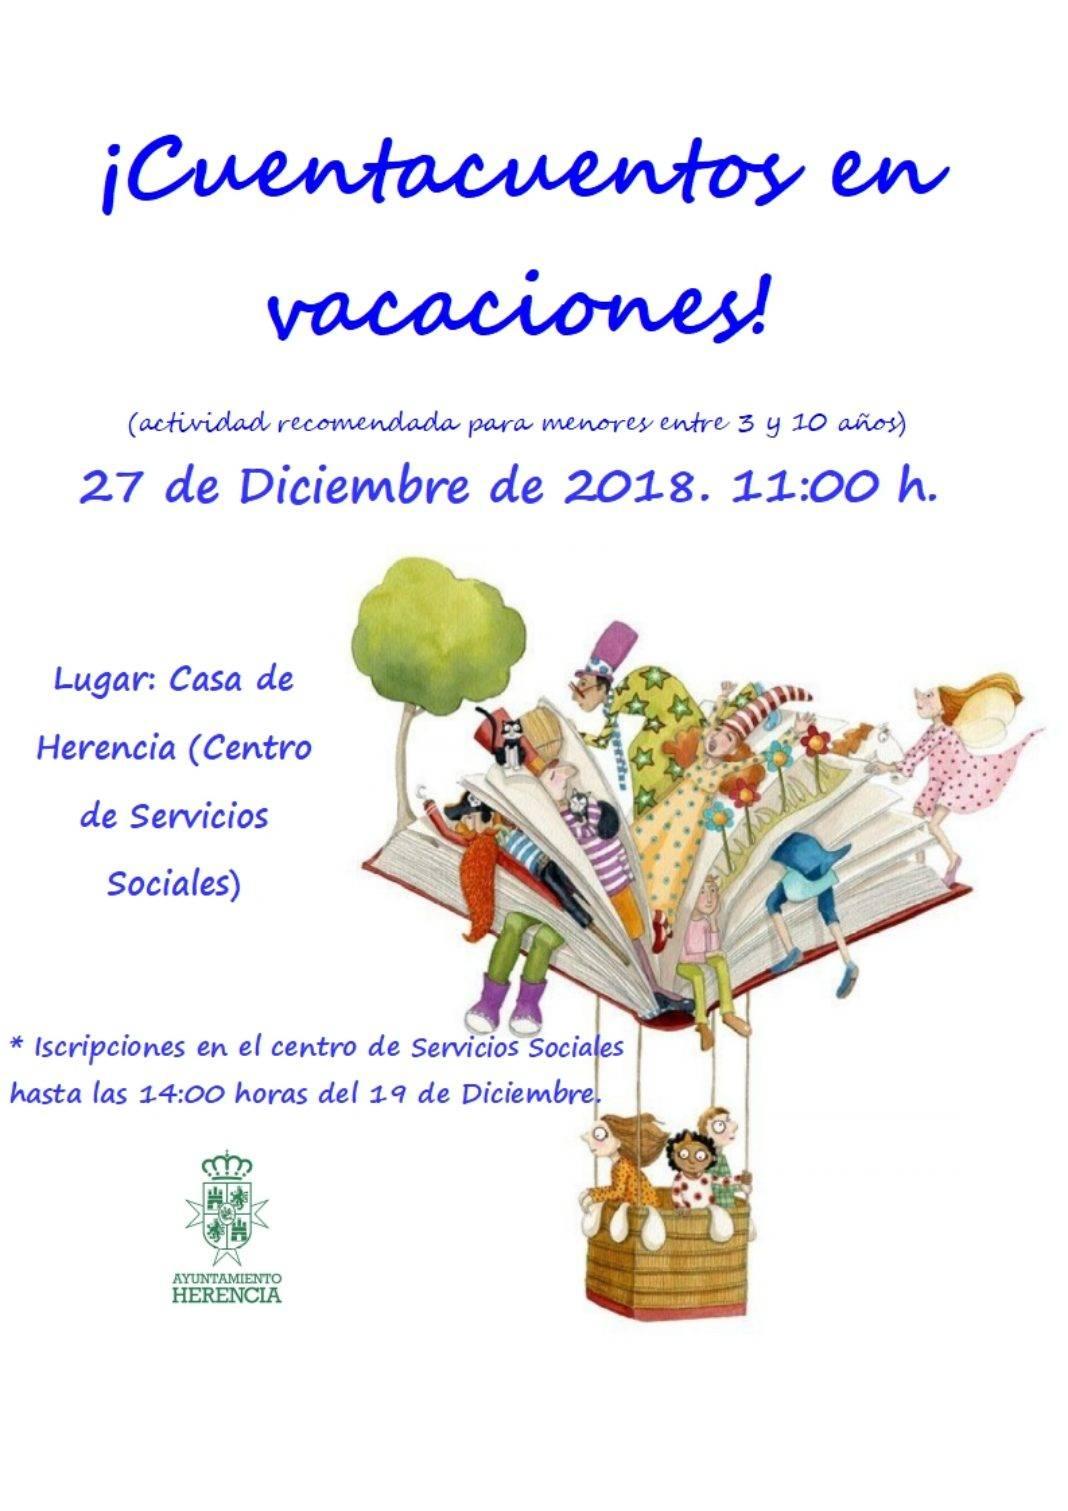 Cuentacuentos en vacaciones 1068x1511 - Cuentacuentos en la Casa de Herencia el 27 de diciembre